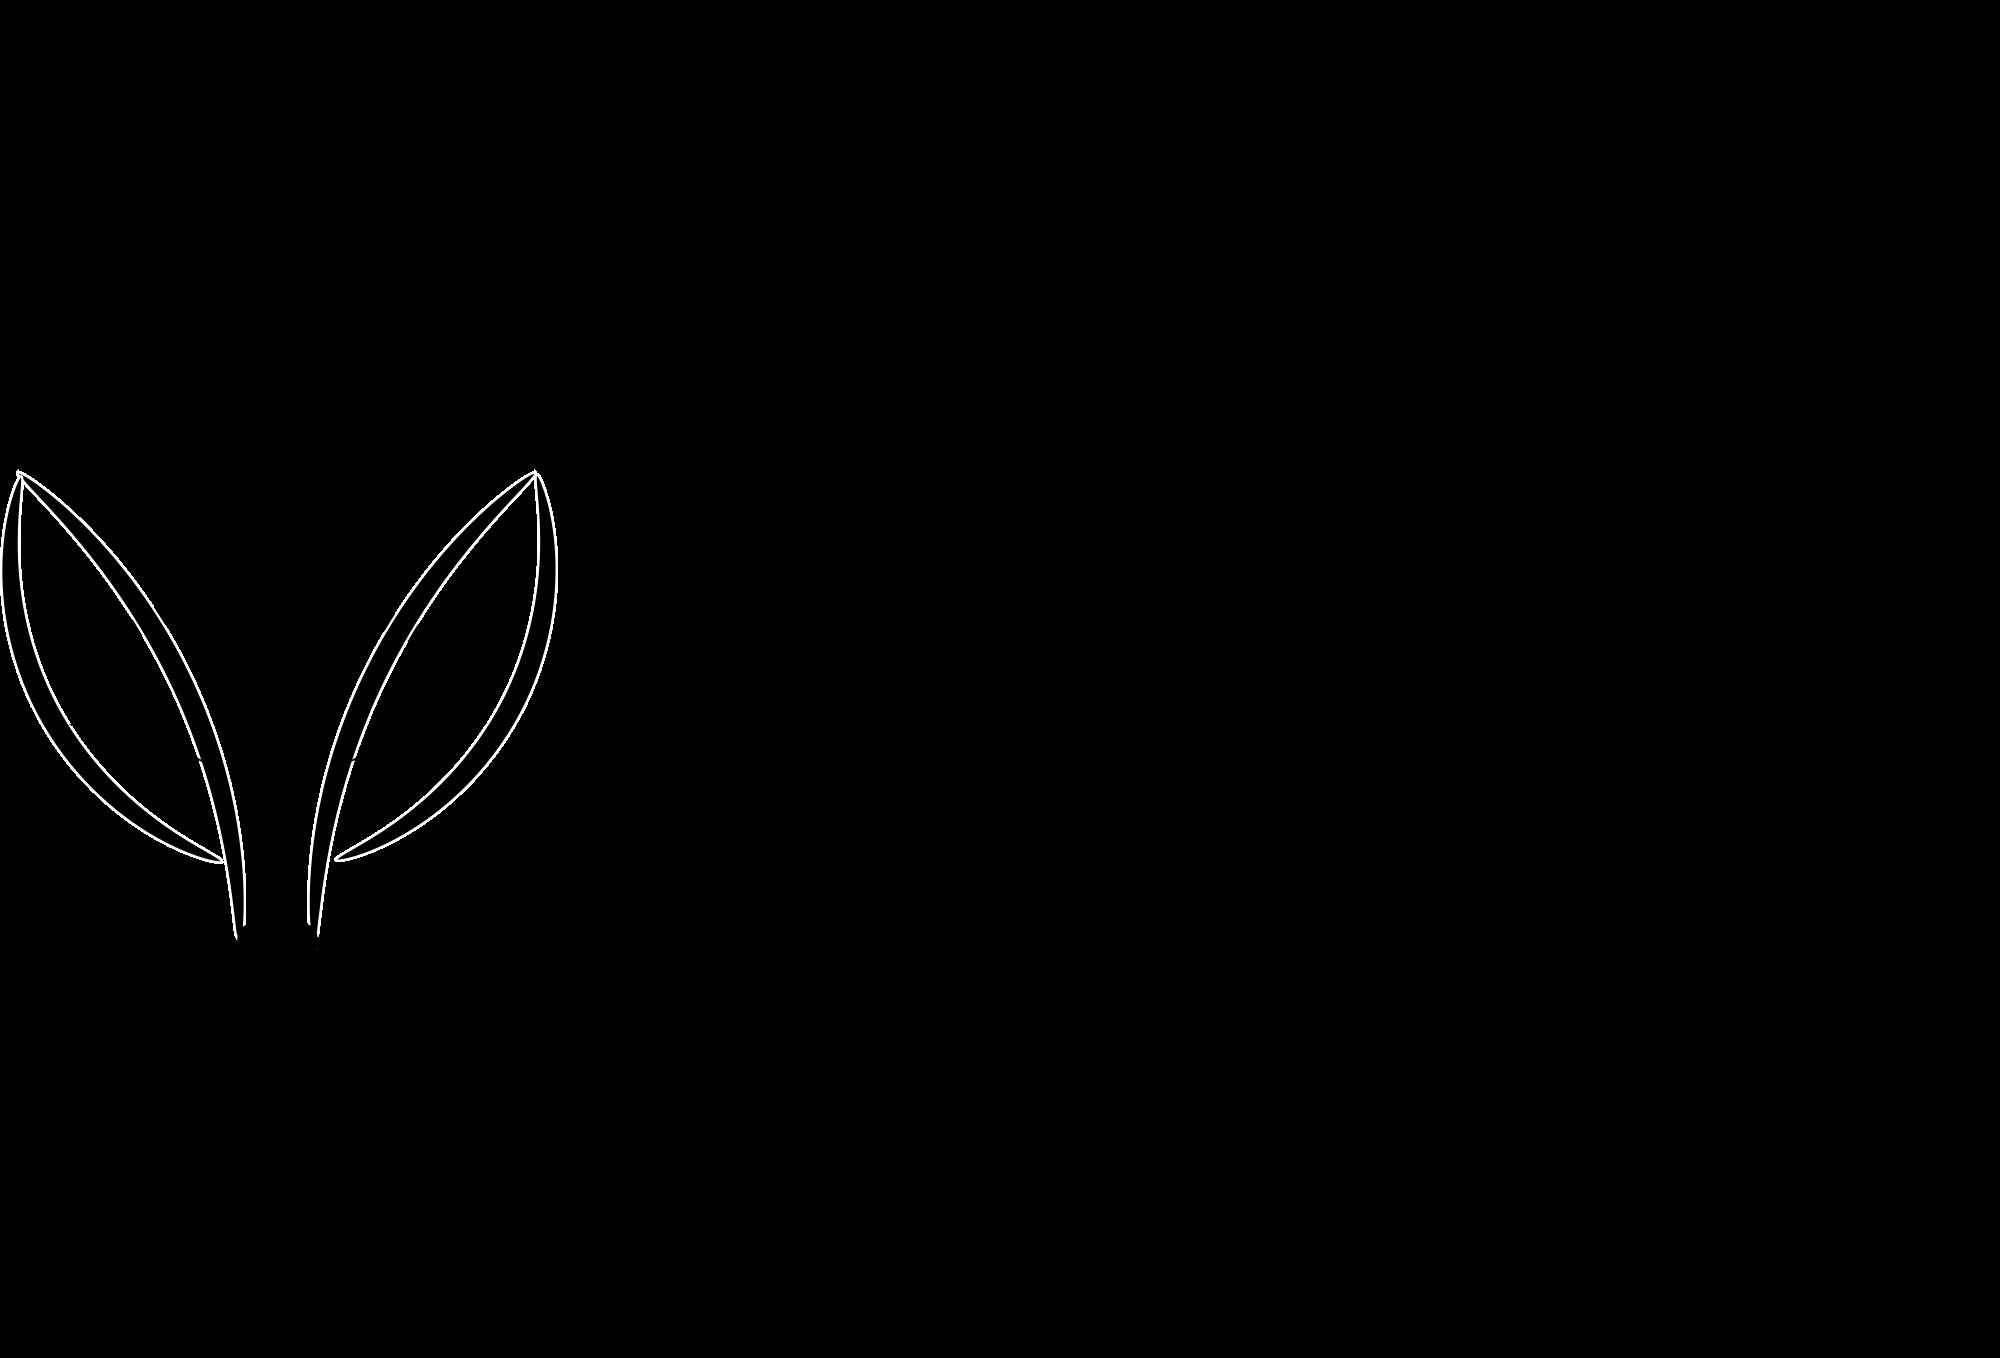 2000x1358 Fox clip art clipartix 2